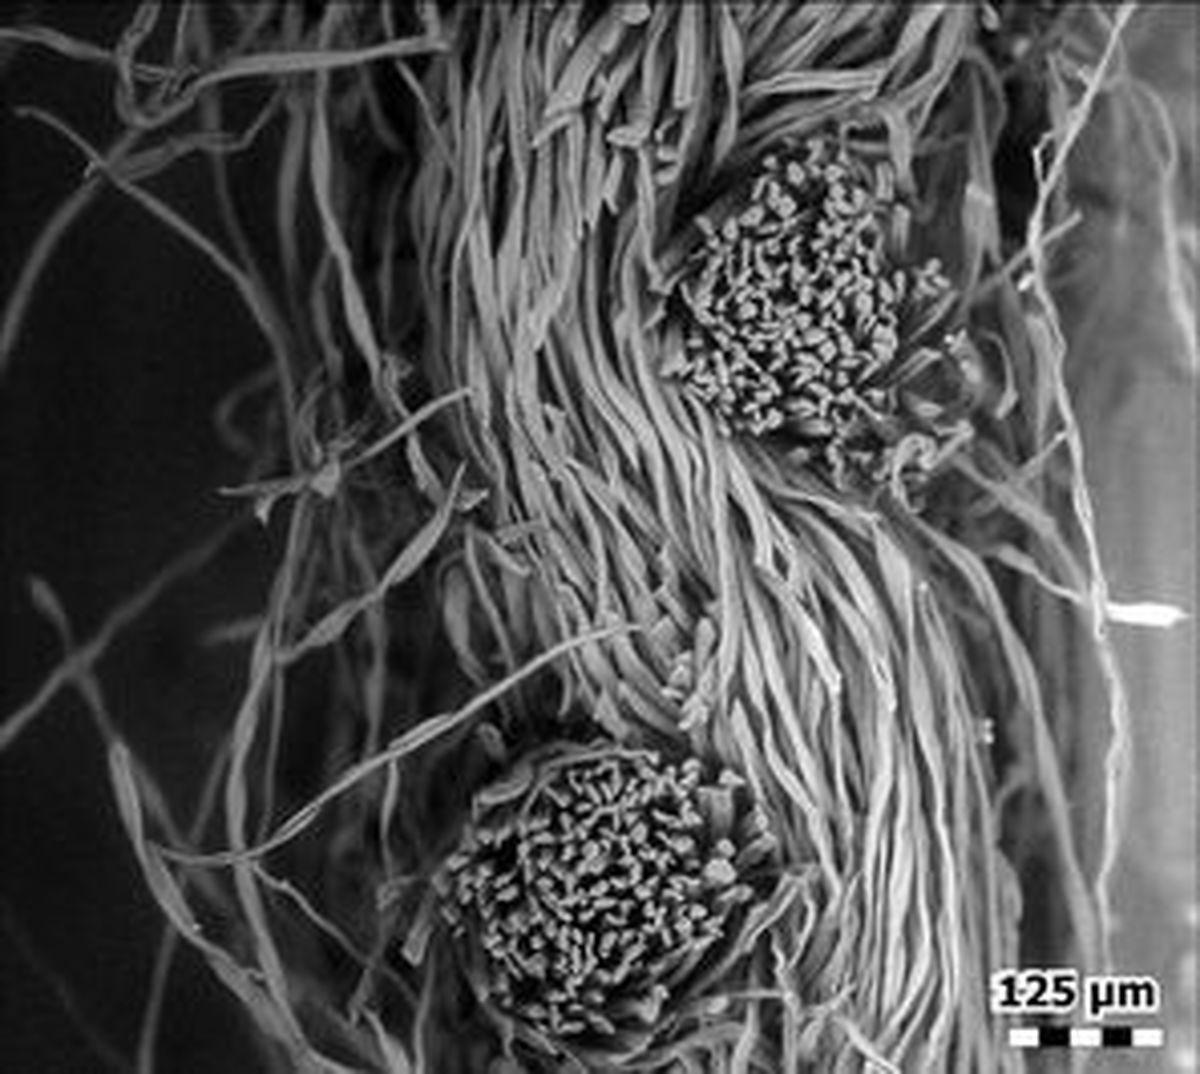 تصاویر جالب از ماسکهای کرونا زیر میکروسکوپ